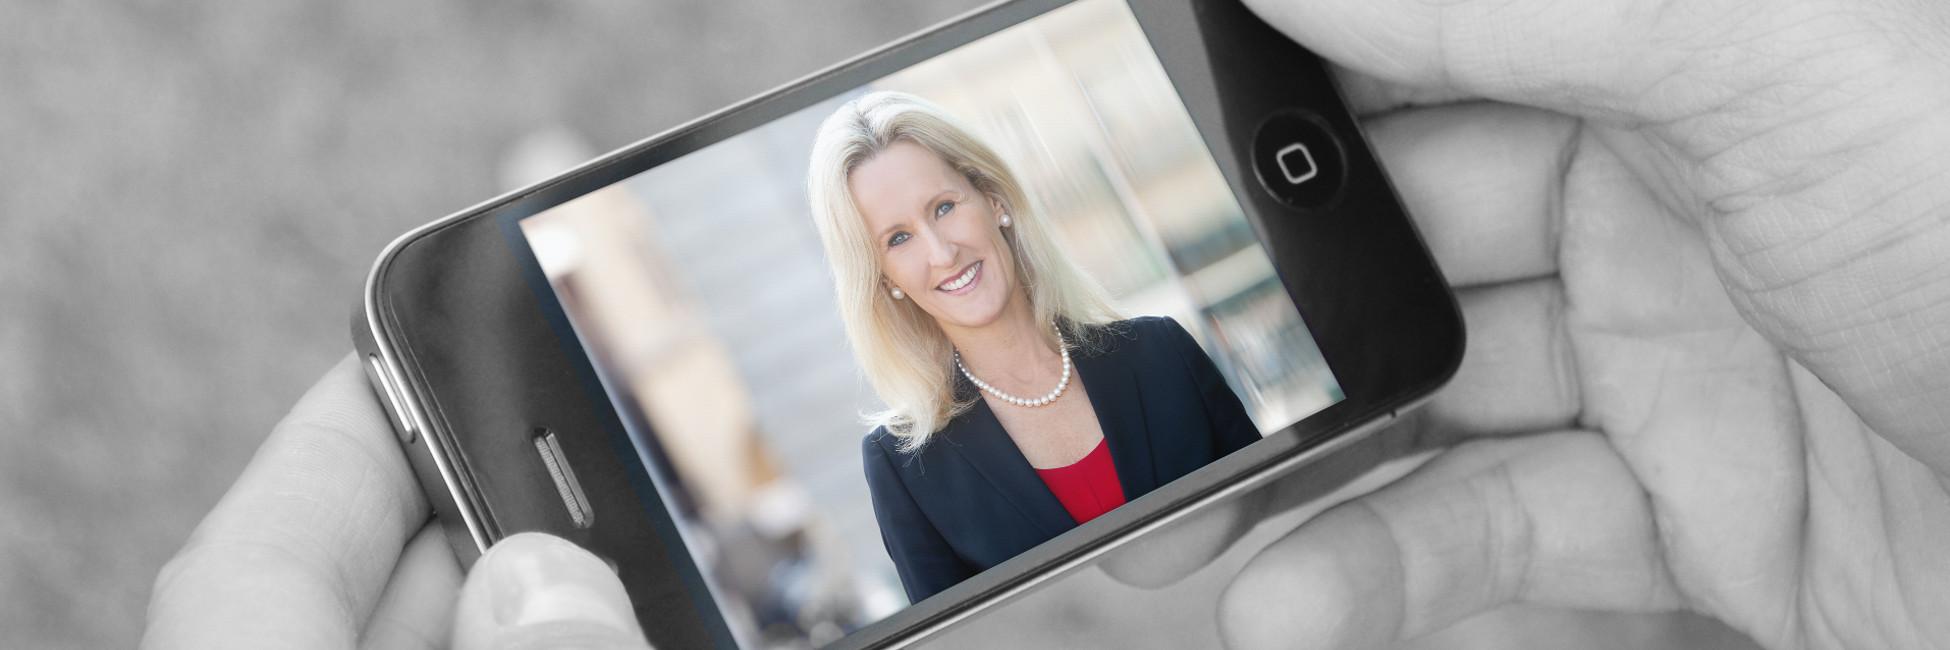 Ulrike WINzer Vortrag Digitalisierung